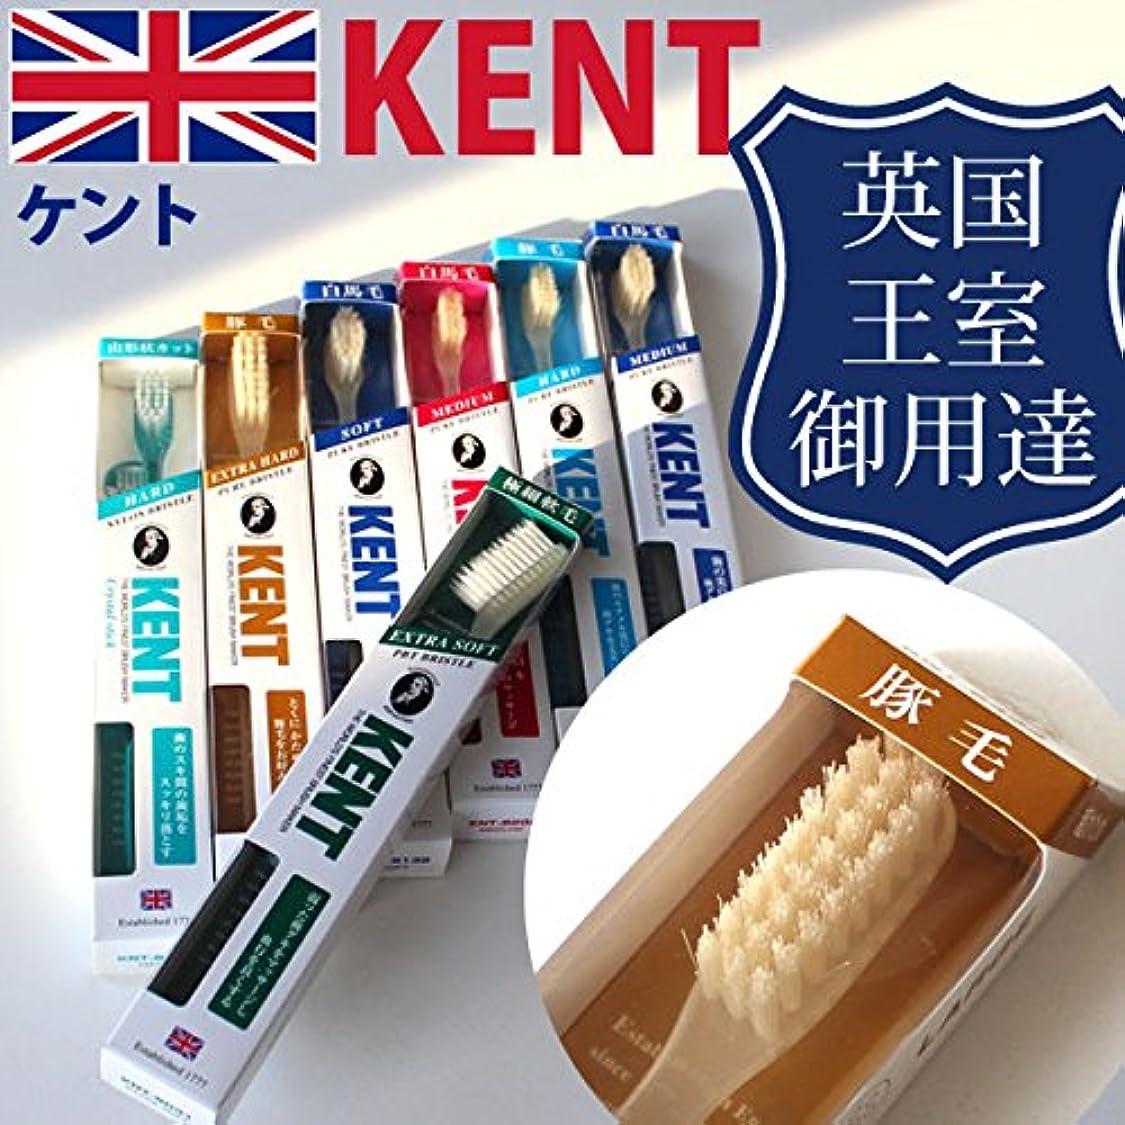 スケッチ突破口脈拍ケント KENT 豚毛 ラージヘッド 歯ブラシKNT-9433 超かため 6本入り しっかり磨ける天然毛のラジヘ